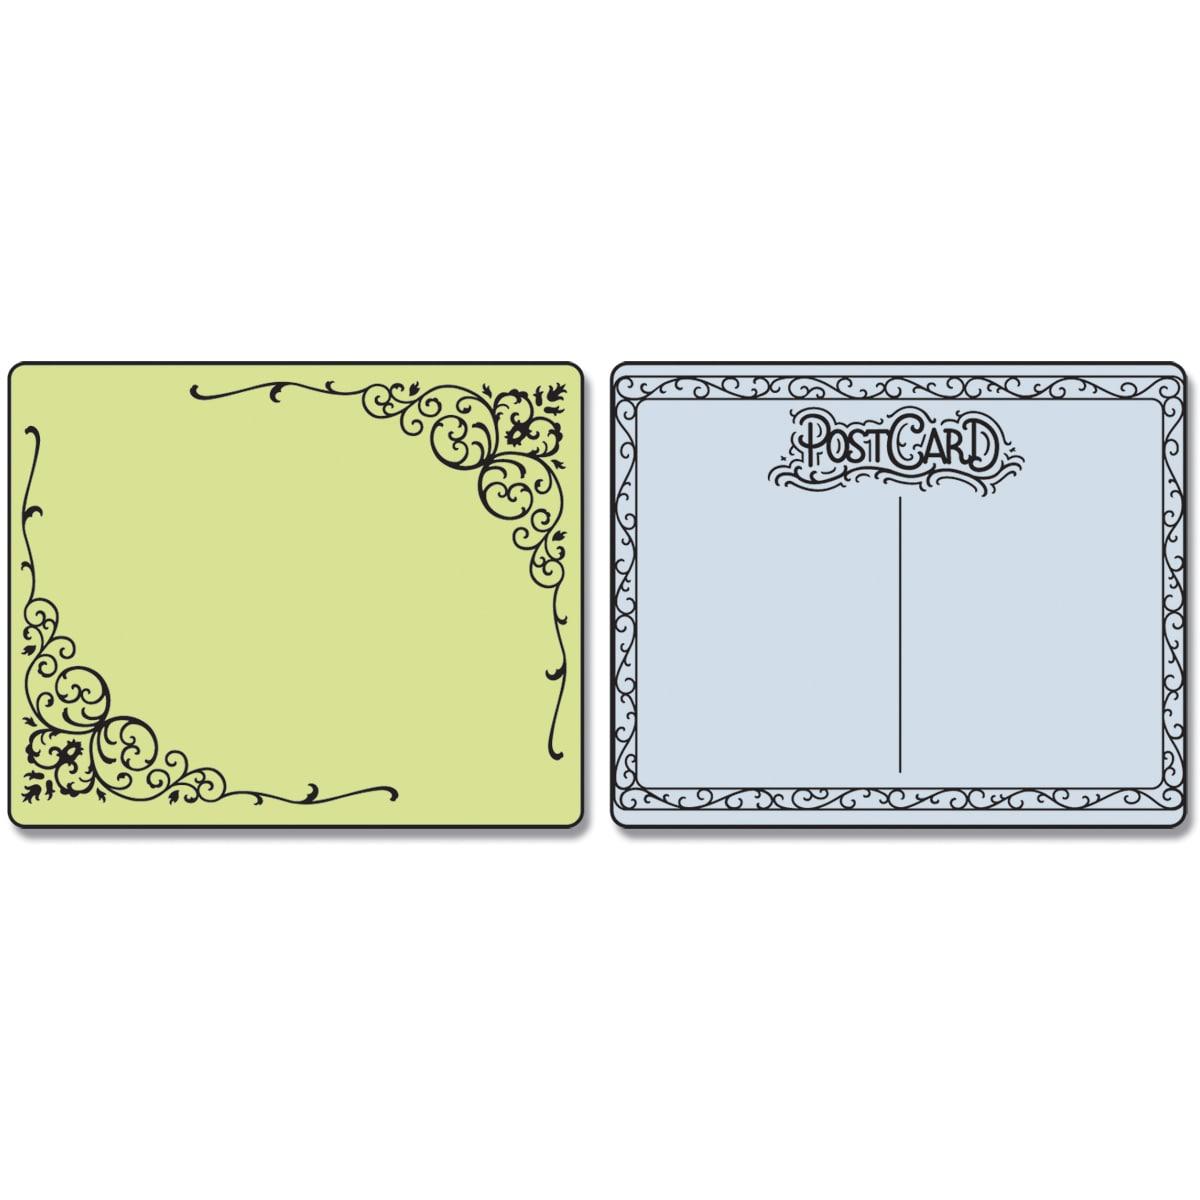 Sizzix Textured Impressions Embossing Folders 2/Pkg-Flourish & Postcard